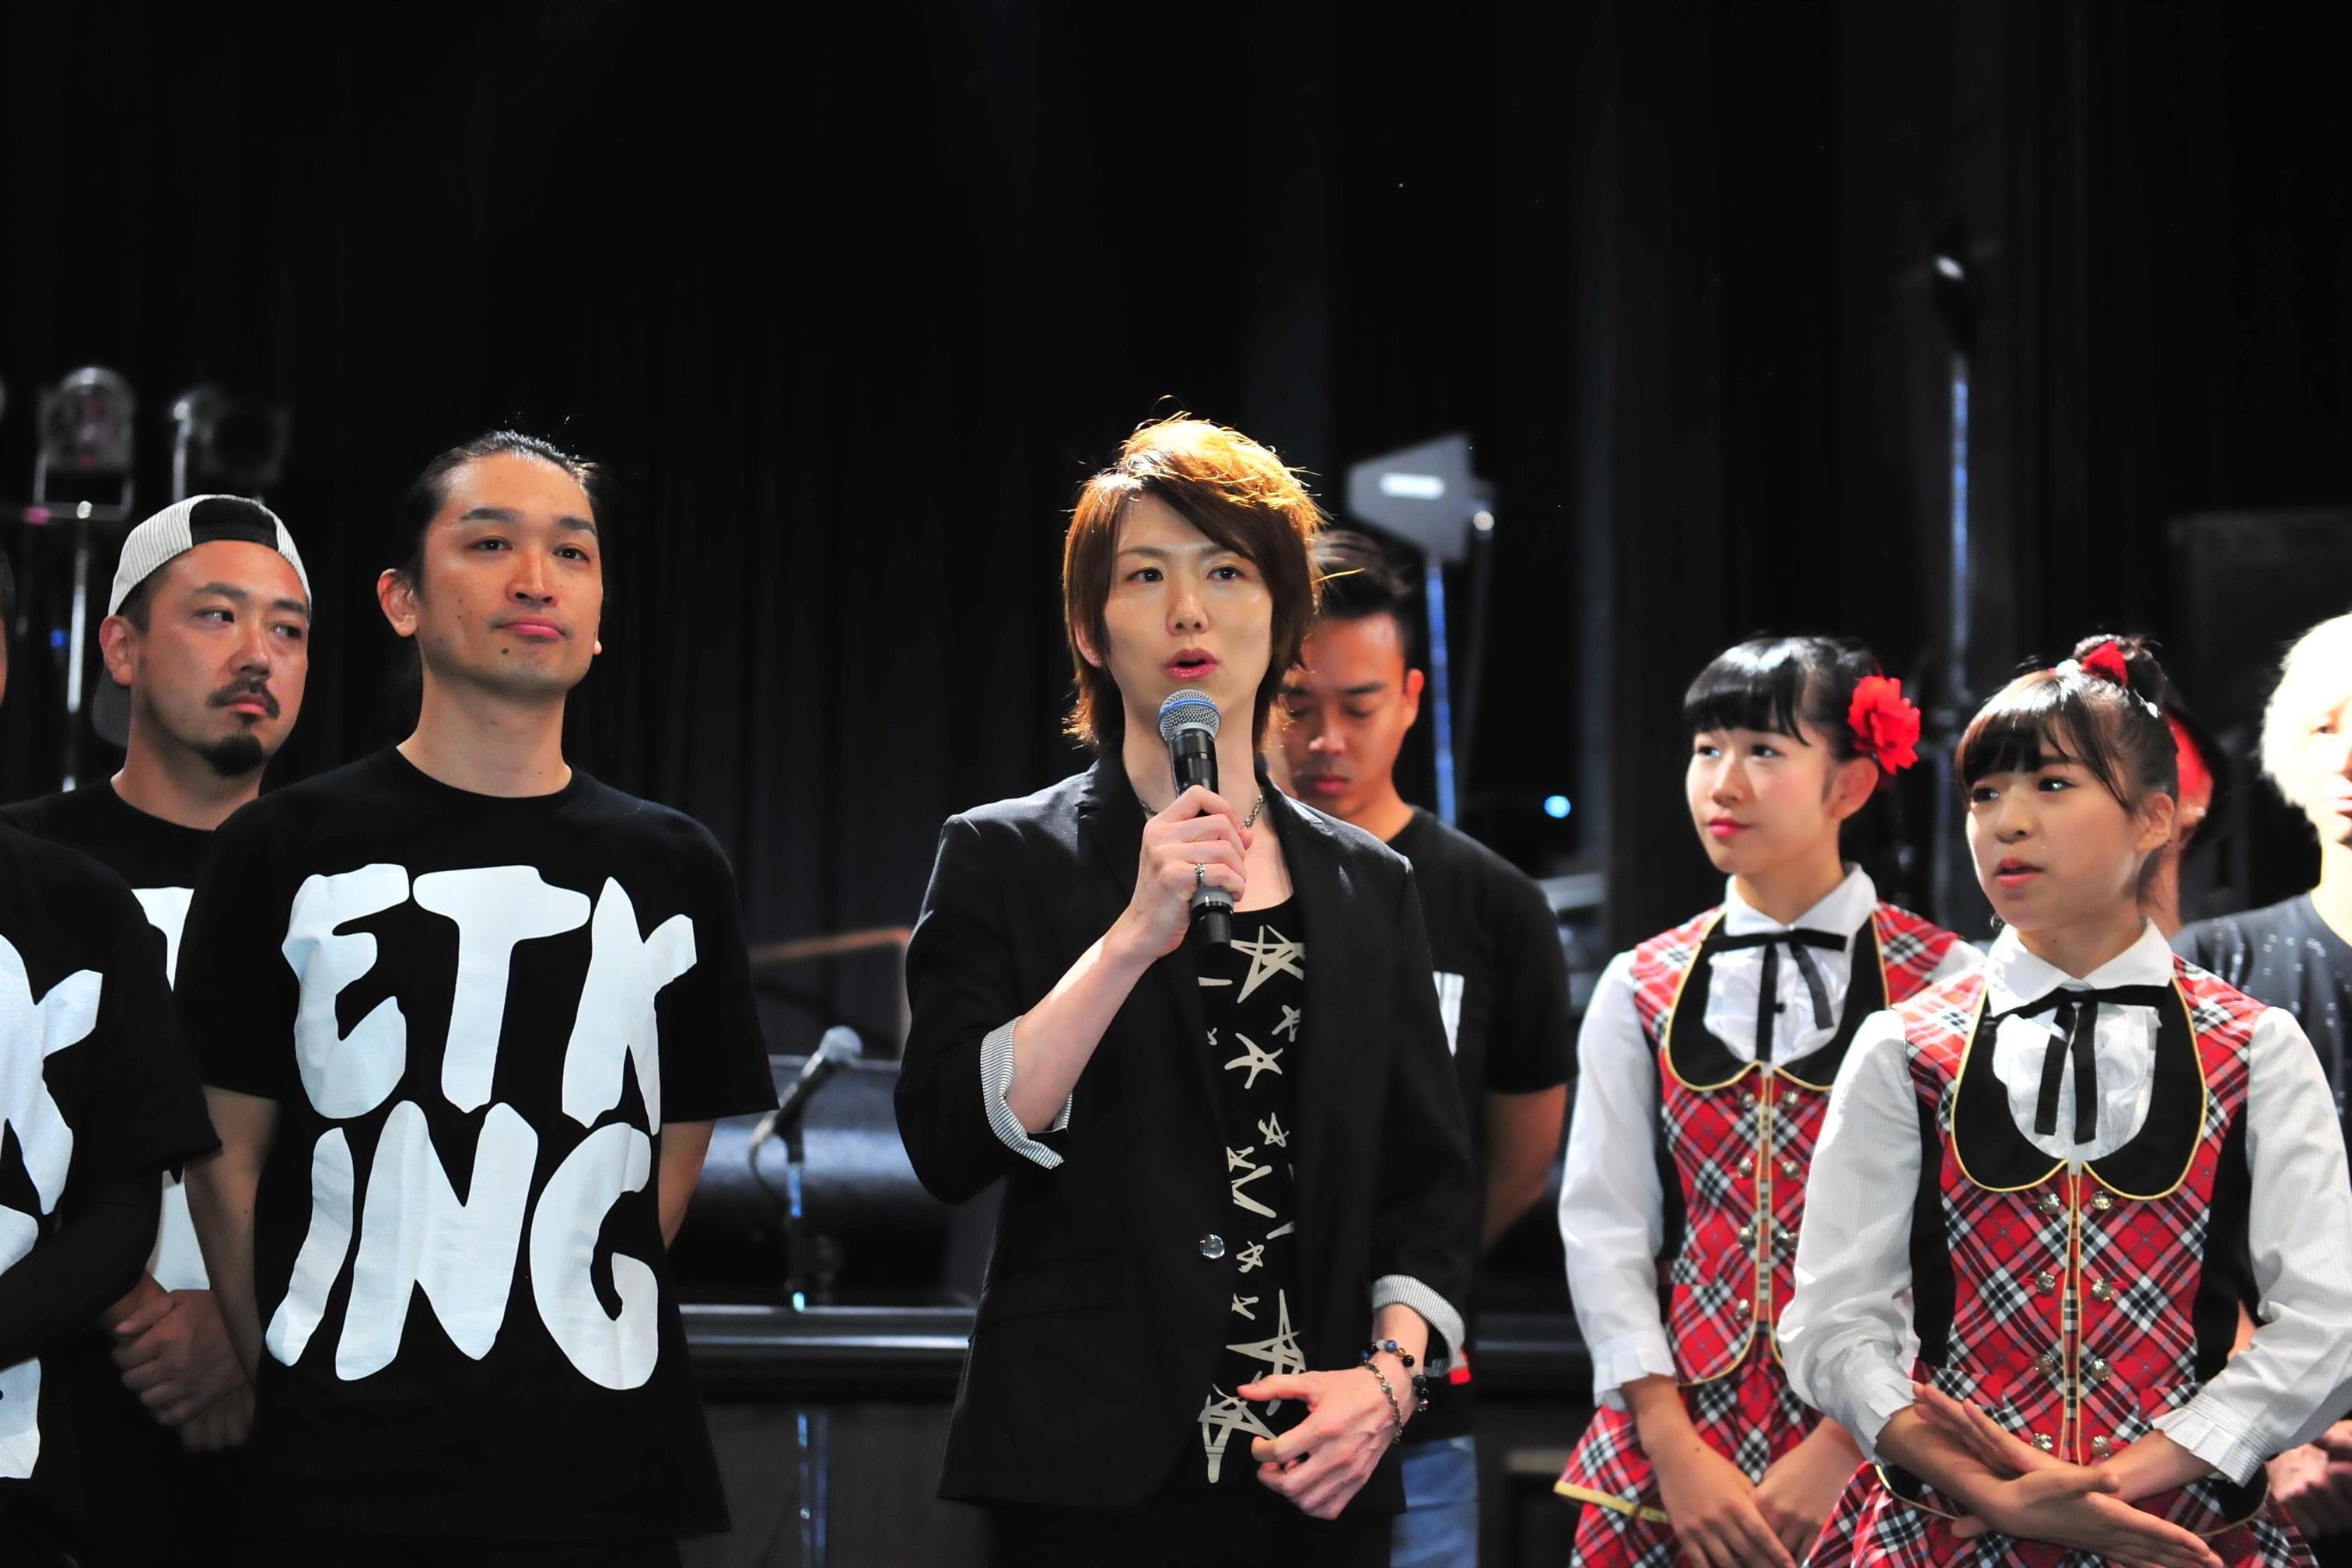 http://news.yoshimoto.co.jp/20160730192538-5d7bfe53bf14d340f1737486ebc76e918d470c02.jpg